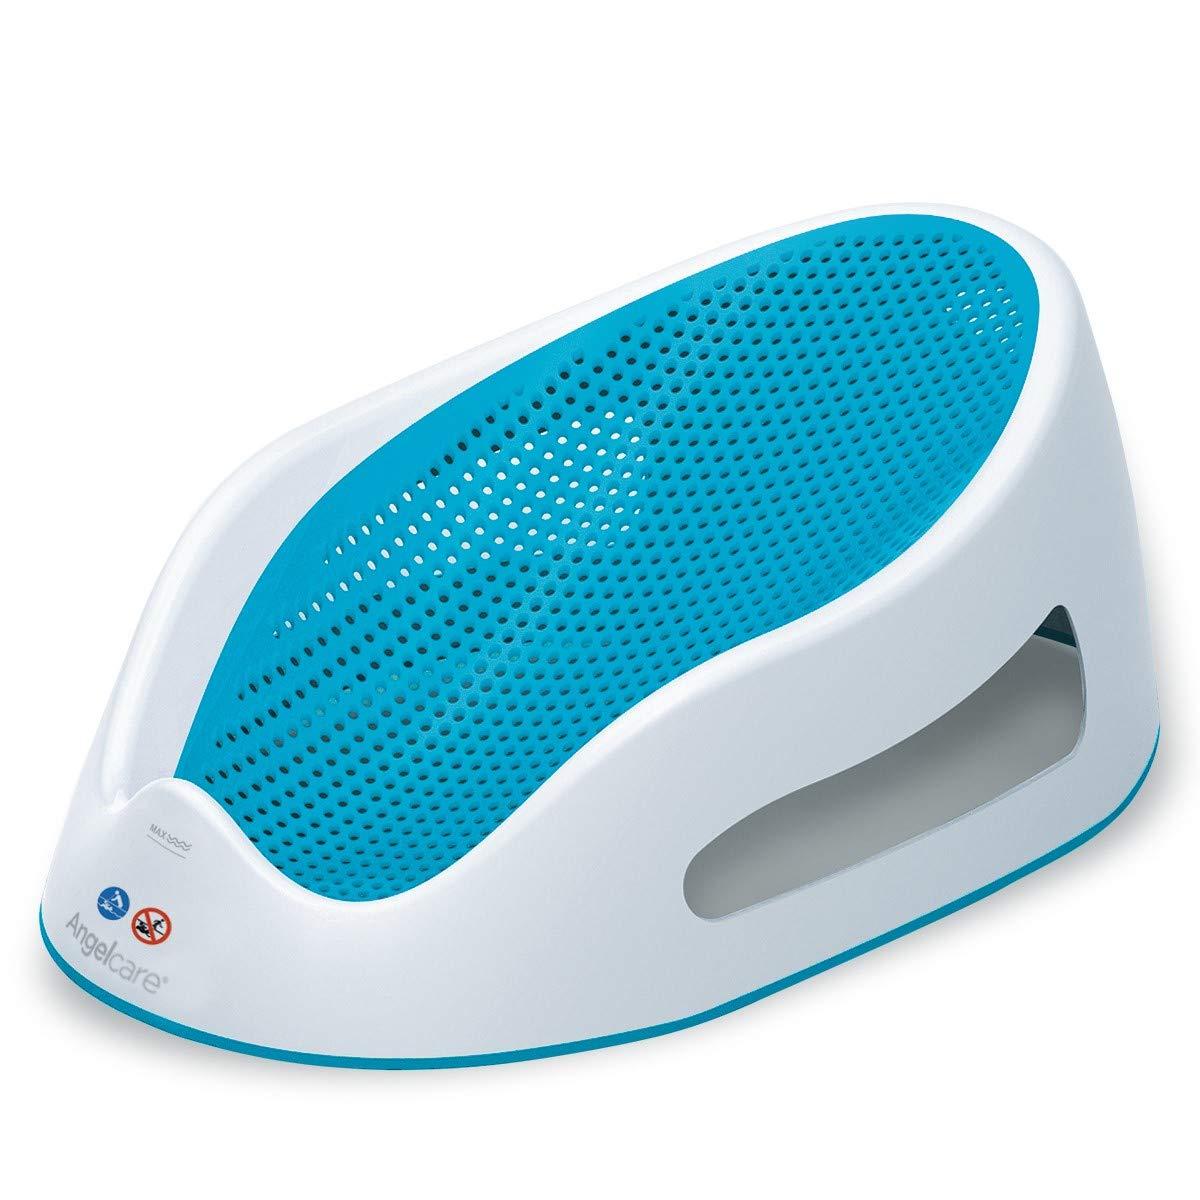 Angelcare - Transat de Bain pour Bébé - Ergonomique et Sécurisant - 0 à 6 Mois - Bleu product image